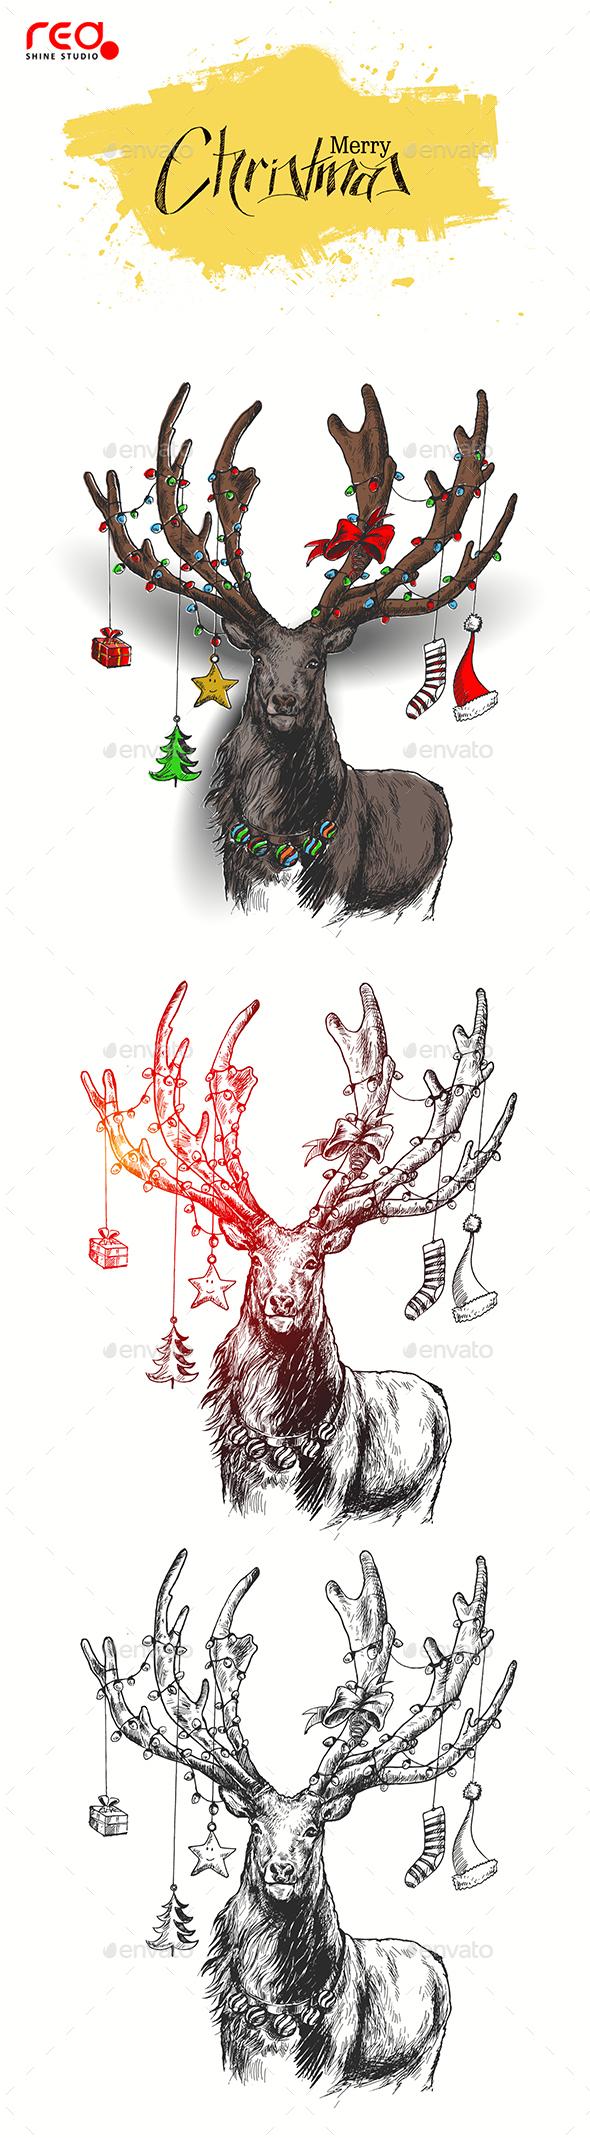 Reindeer For Christmas Decoration - Christmas Seasons/Holidays